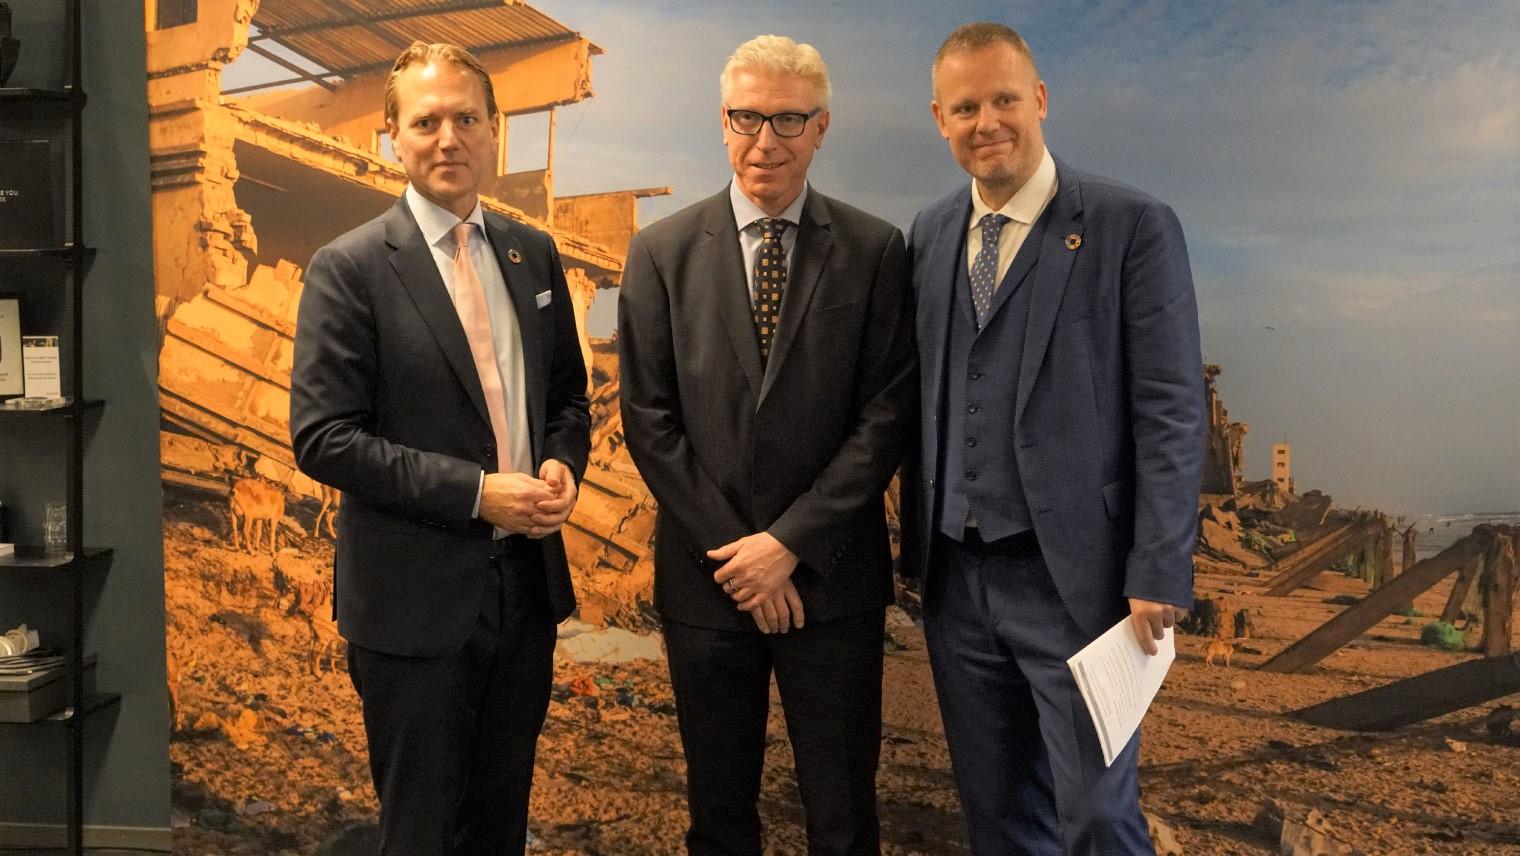 左より、SSAP Europe:アンダース・アールグレン、ソニー Lund Site:ステファン・アンダーソン、UNOPS:ヨナス・スヴェンソン